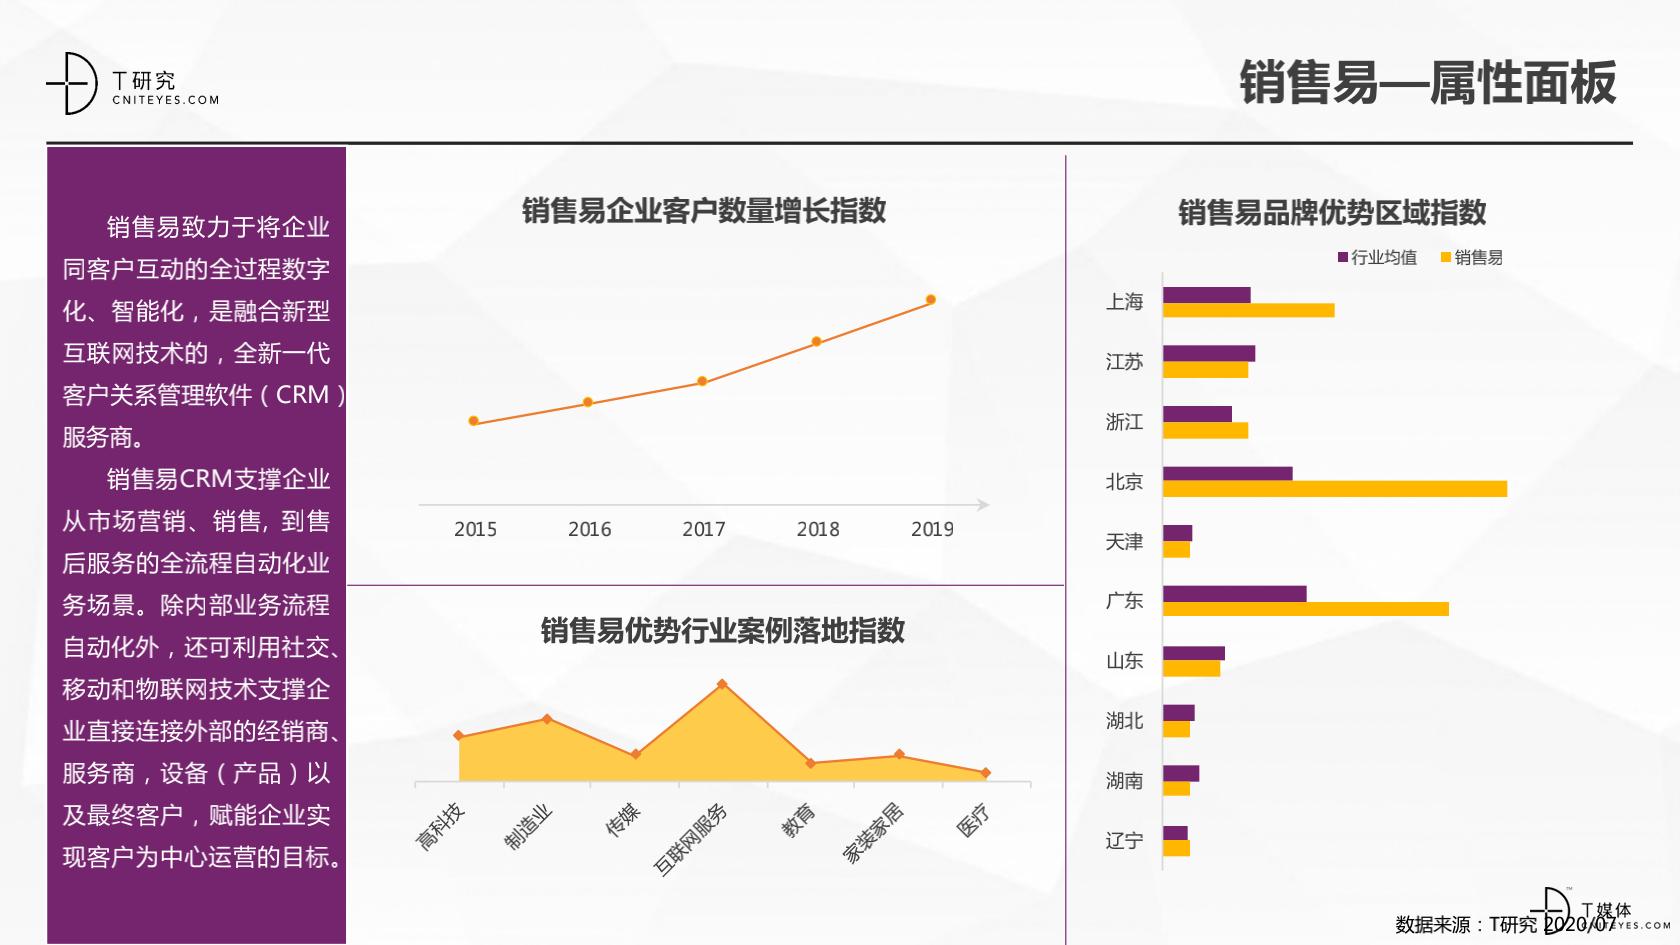 2_2020中国CRM指数测评报告v1.5_25.png